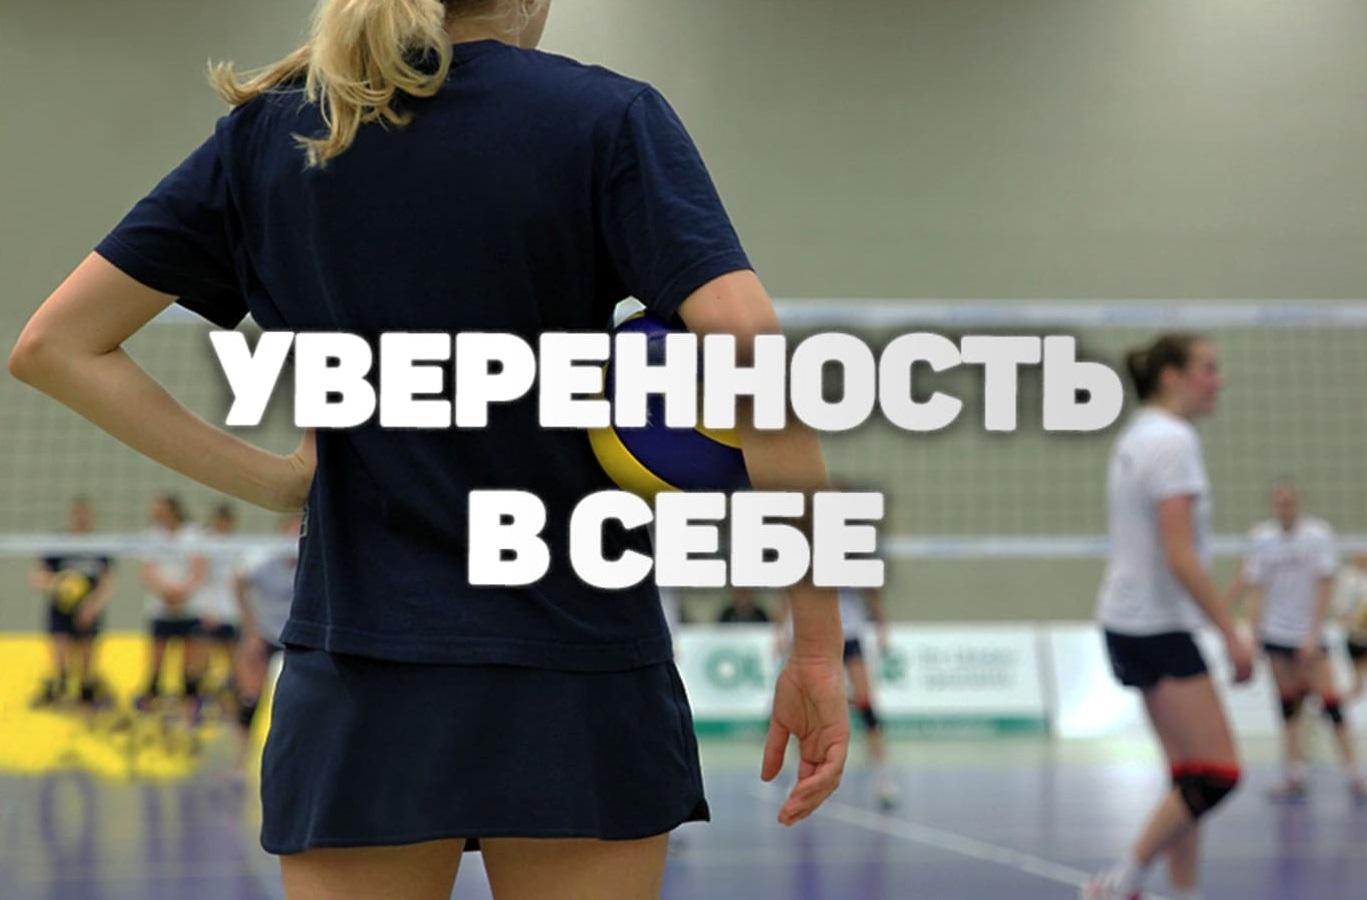 Уверенность в себе в волейболе